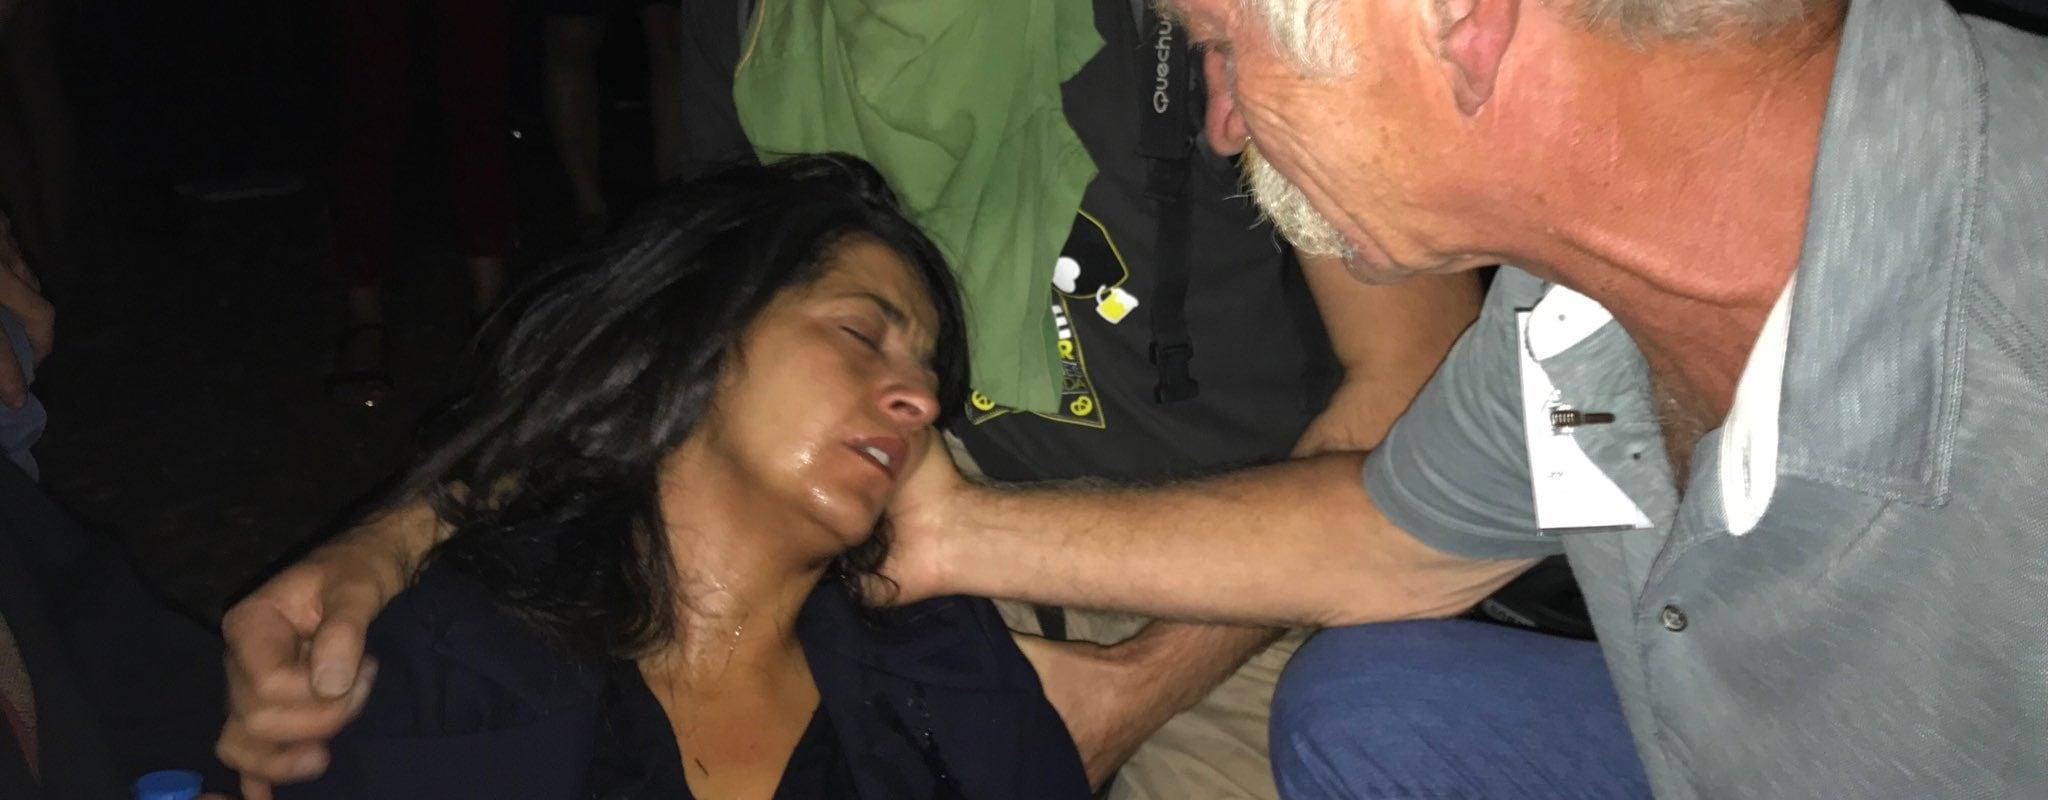 La députée européenne Karima Delli blessée par des gaz lacrymogènes à la ZAD de Kolbsheim